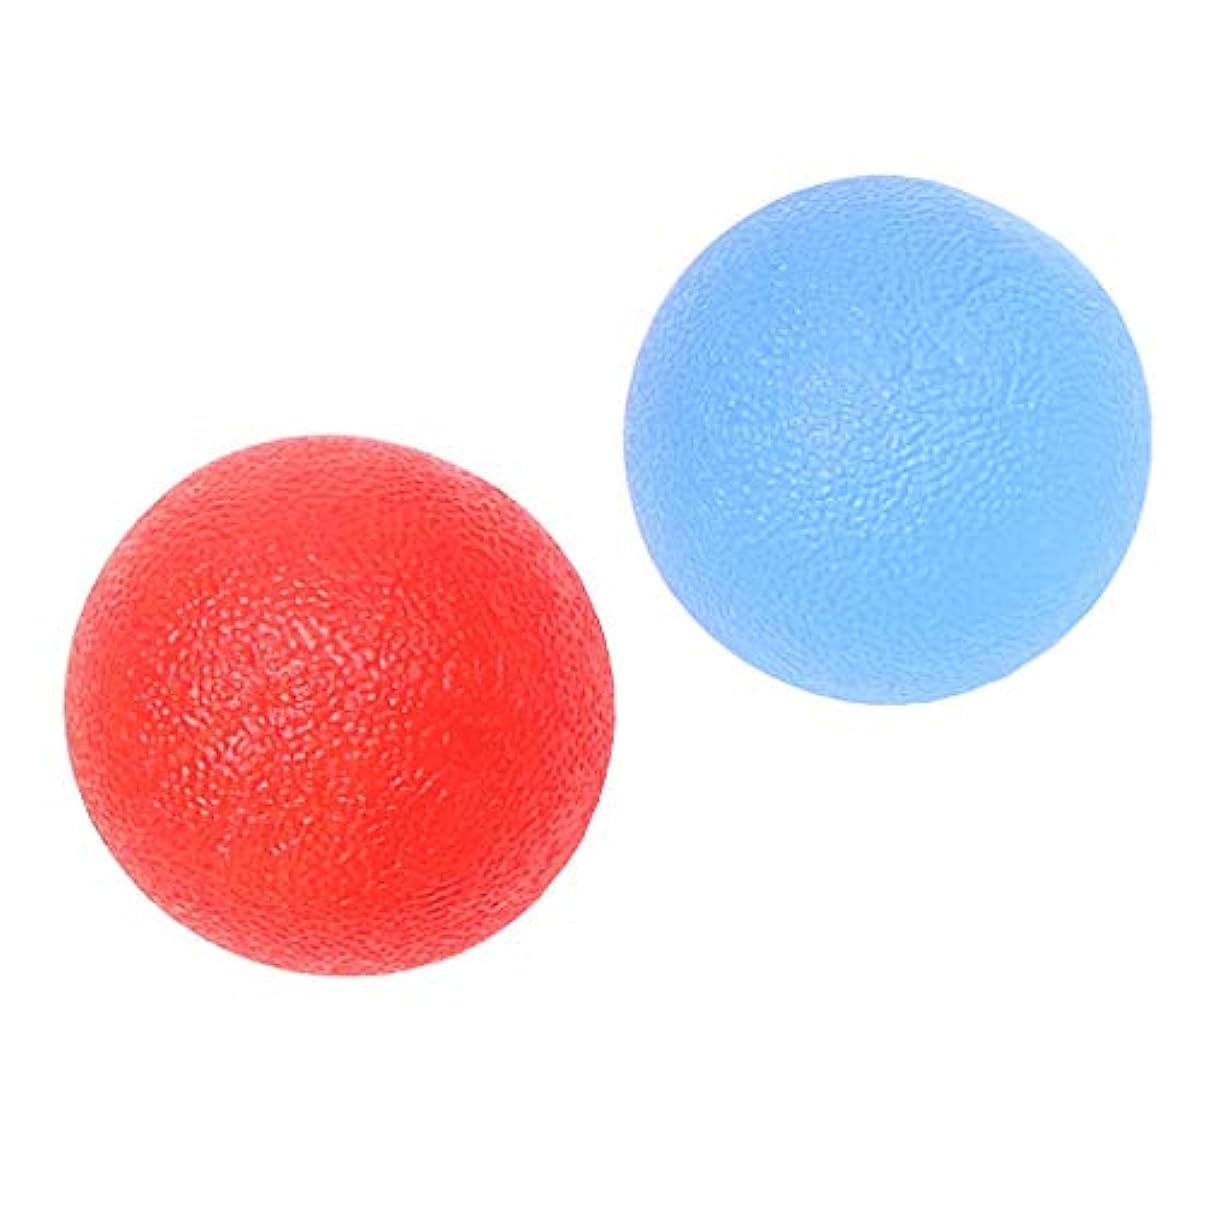 スワップキュービック視線FLAMEER 2個 ハンドエクササイズボール ハンドグリップ シリコン 指トレーニング ストレス緩和 柔軟 赤/青